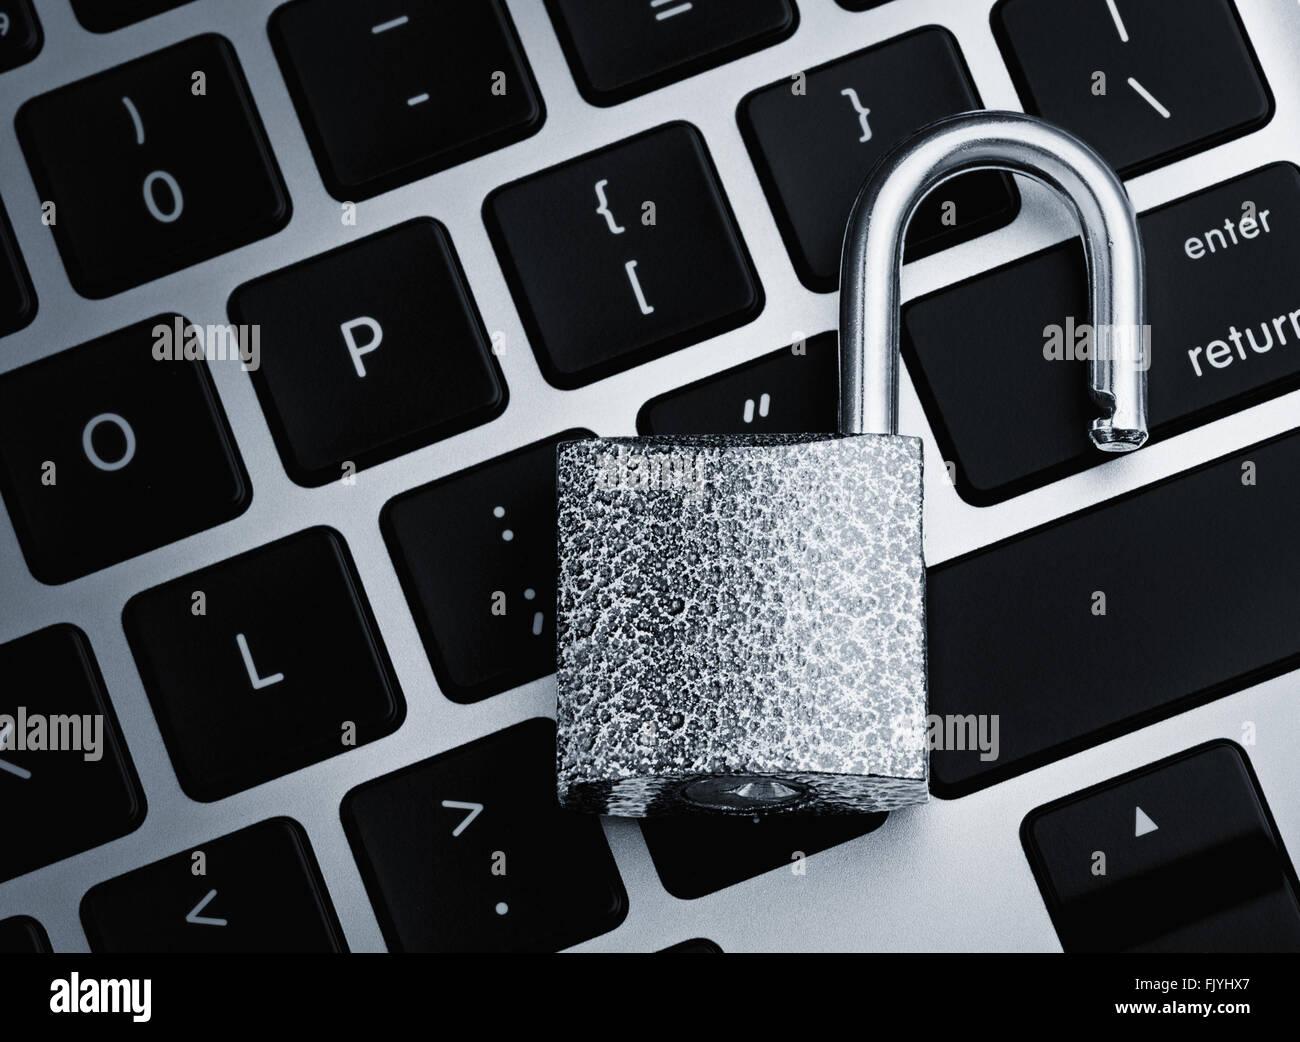 Bloqueo de seguridad abierto en teclado de ordenador - concepto de violación de la seguridad del equipo Imagen De Stock